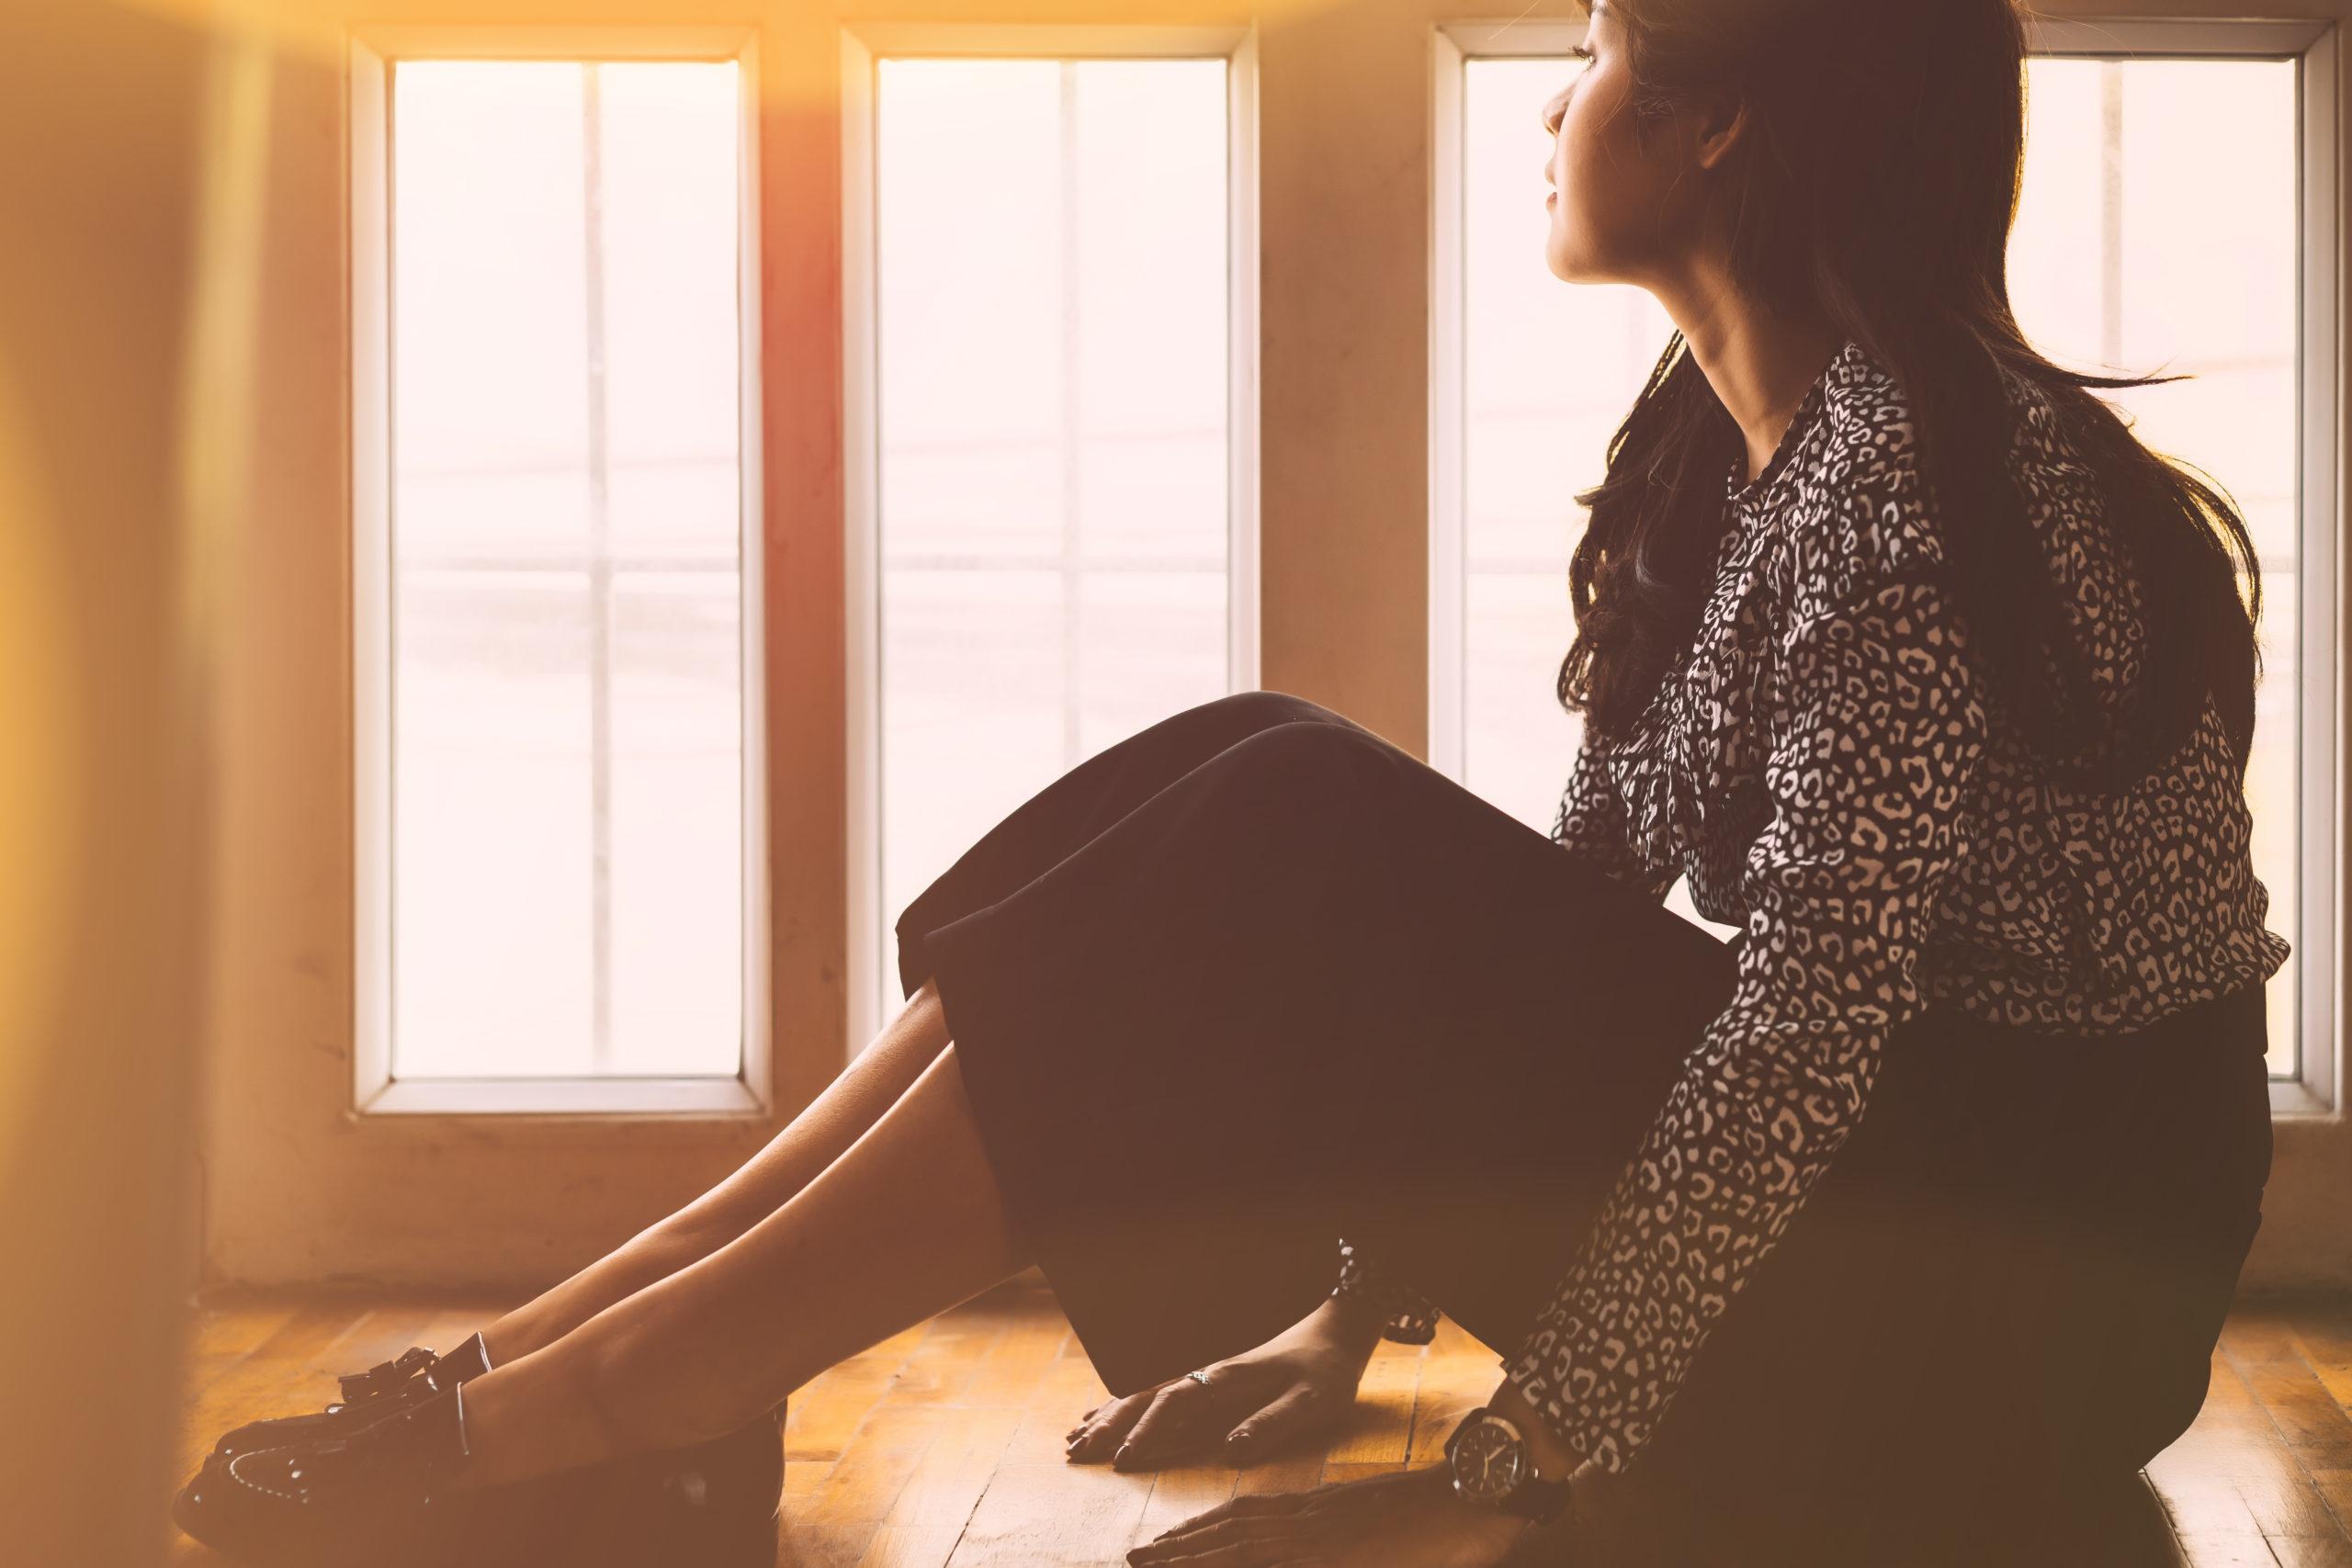 sad-depressed-woman-sitting-on-floor-1316954081